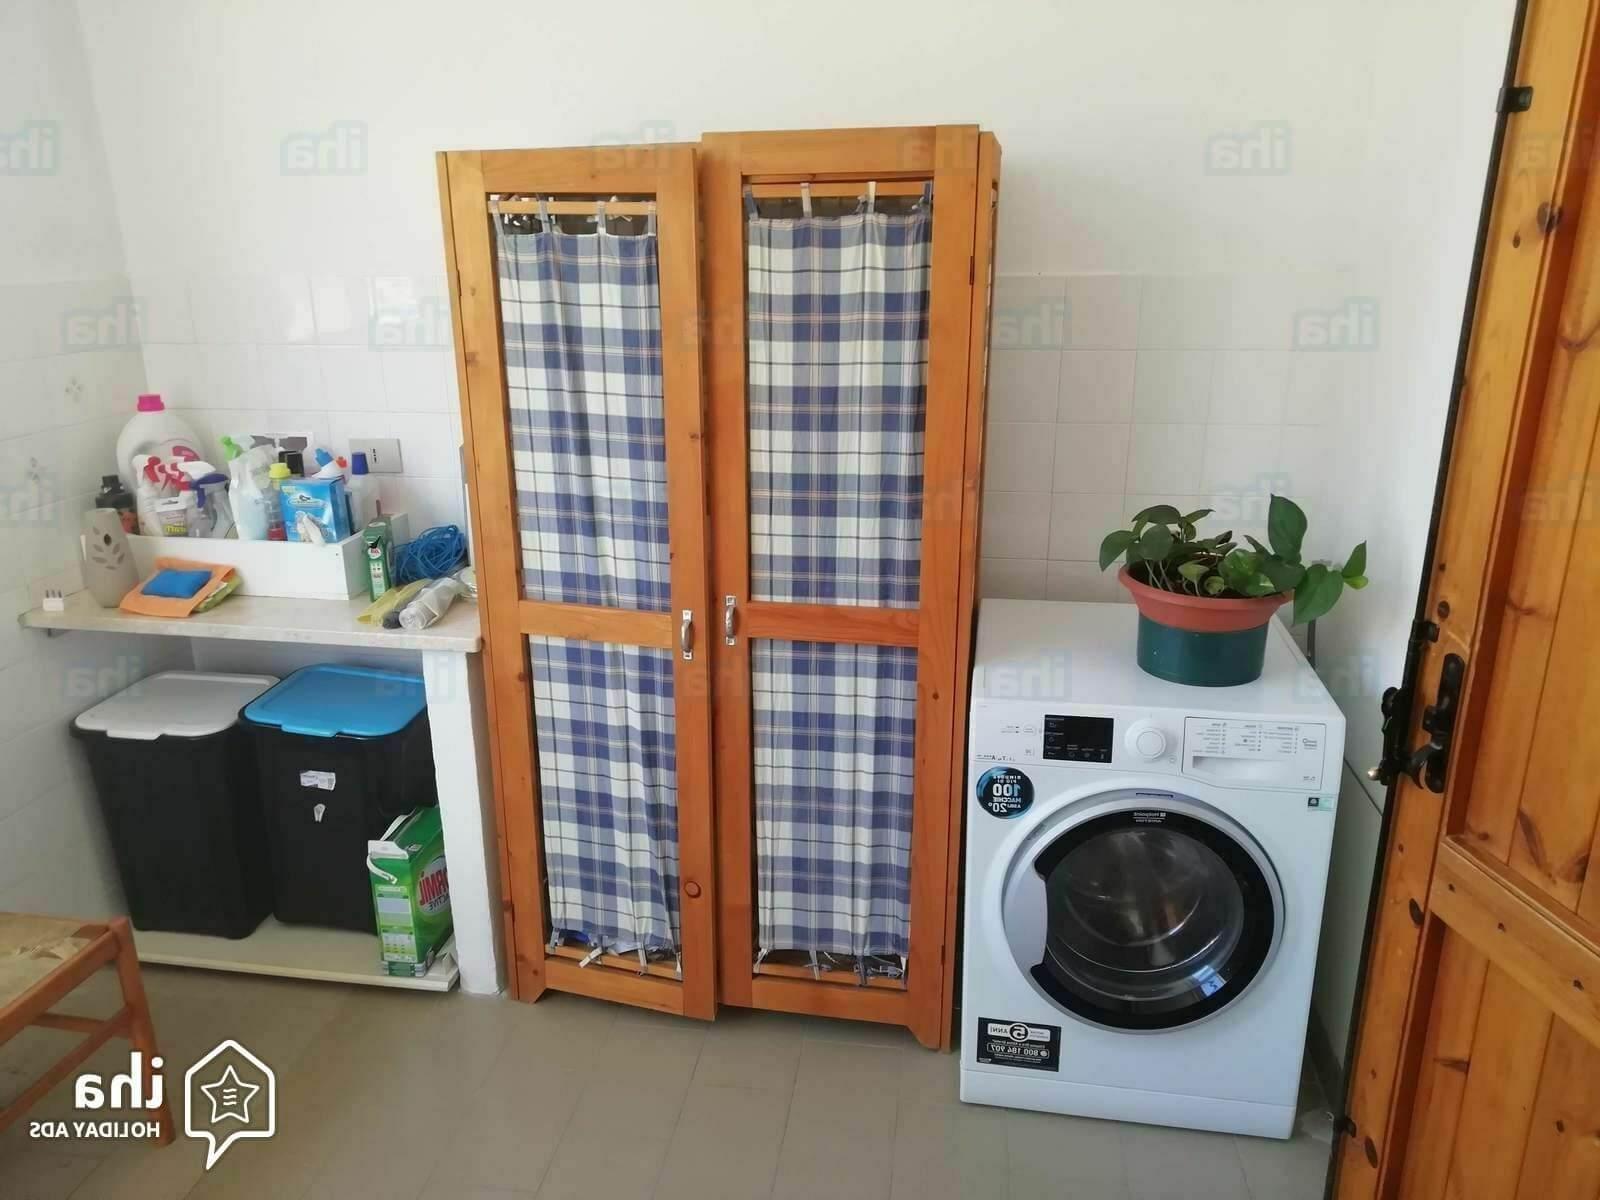 Ремонт стиральной машины занусси Zanussi: быстро, качественно, недорого!